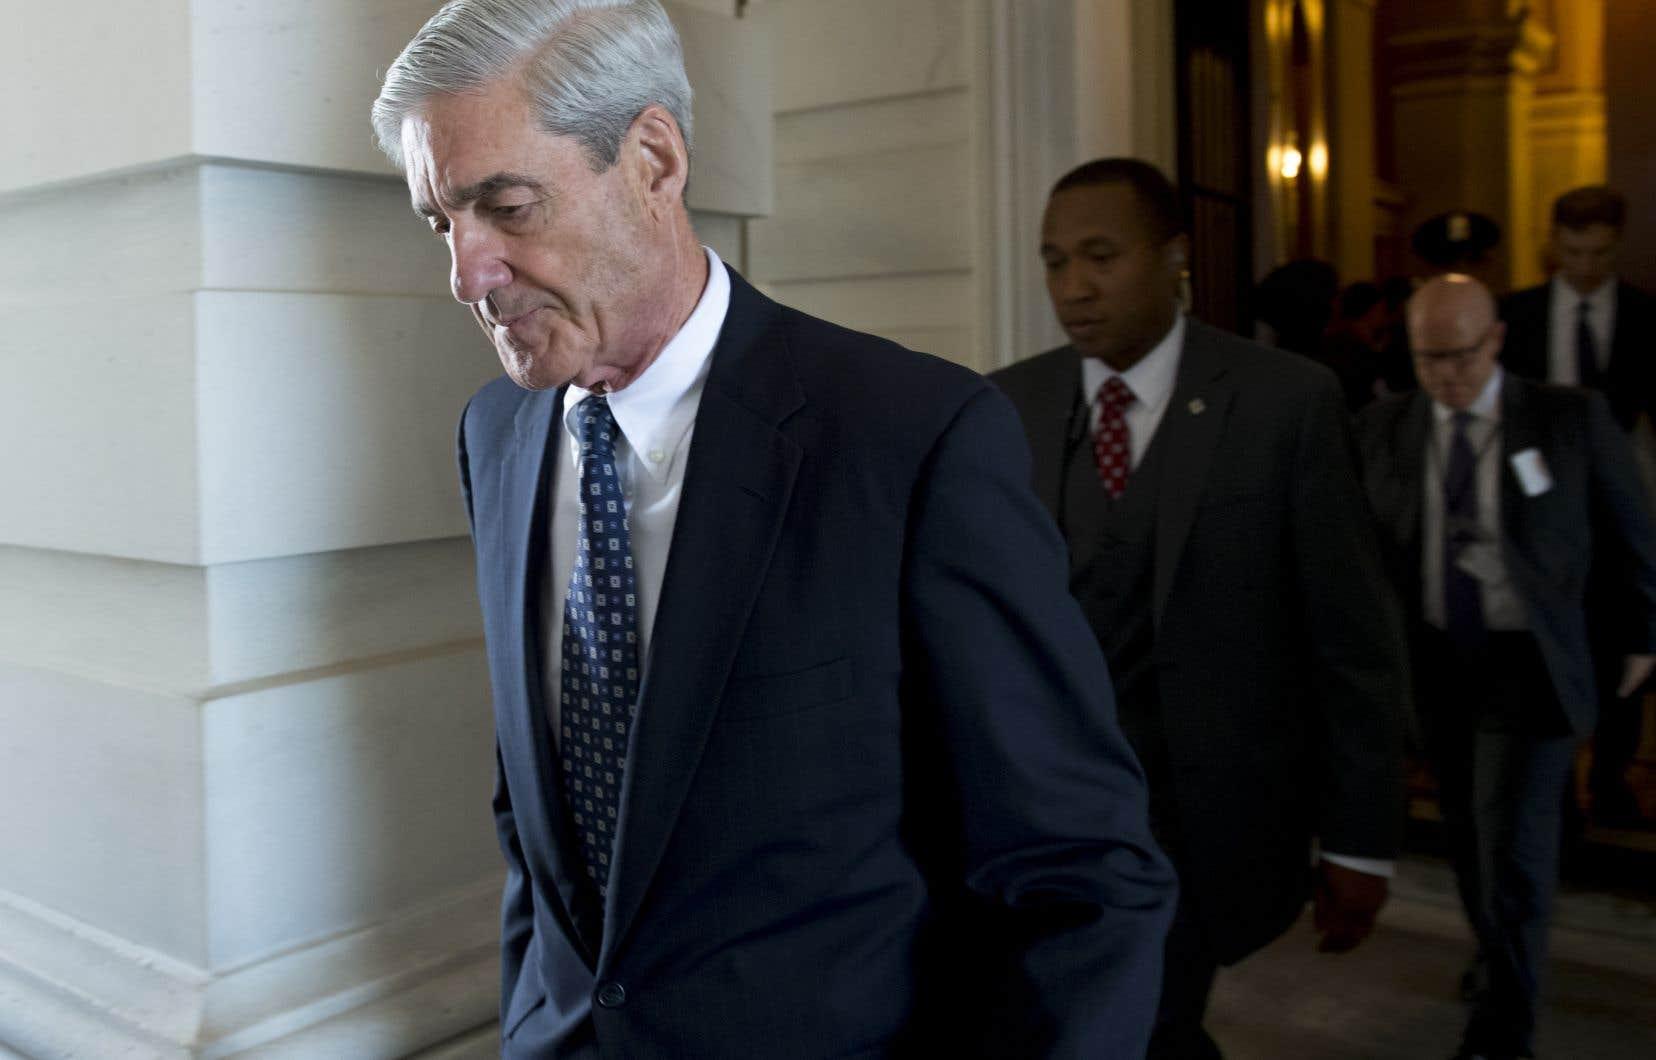 Le procureur spécial Robert Mueller, chargé d'enquêter sur l'ingérence russe lors des élections américaines de 2016